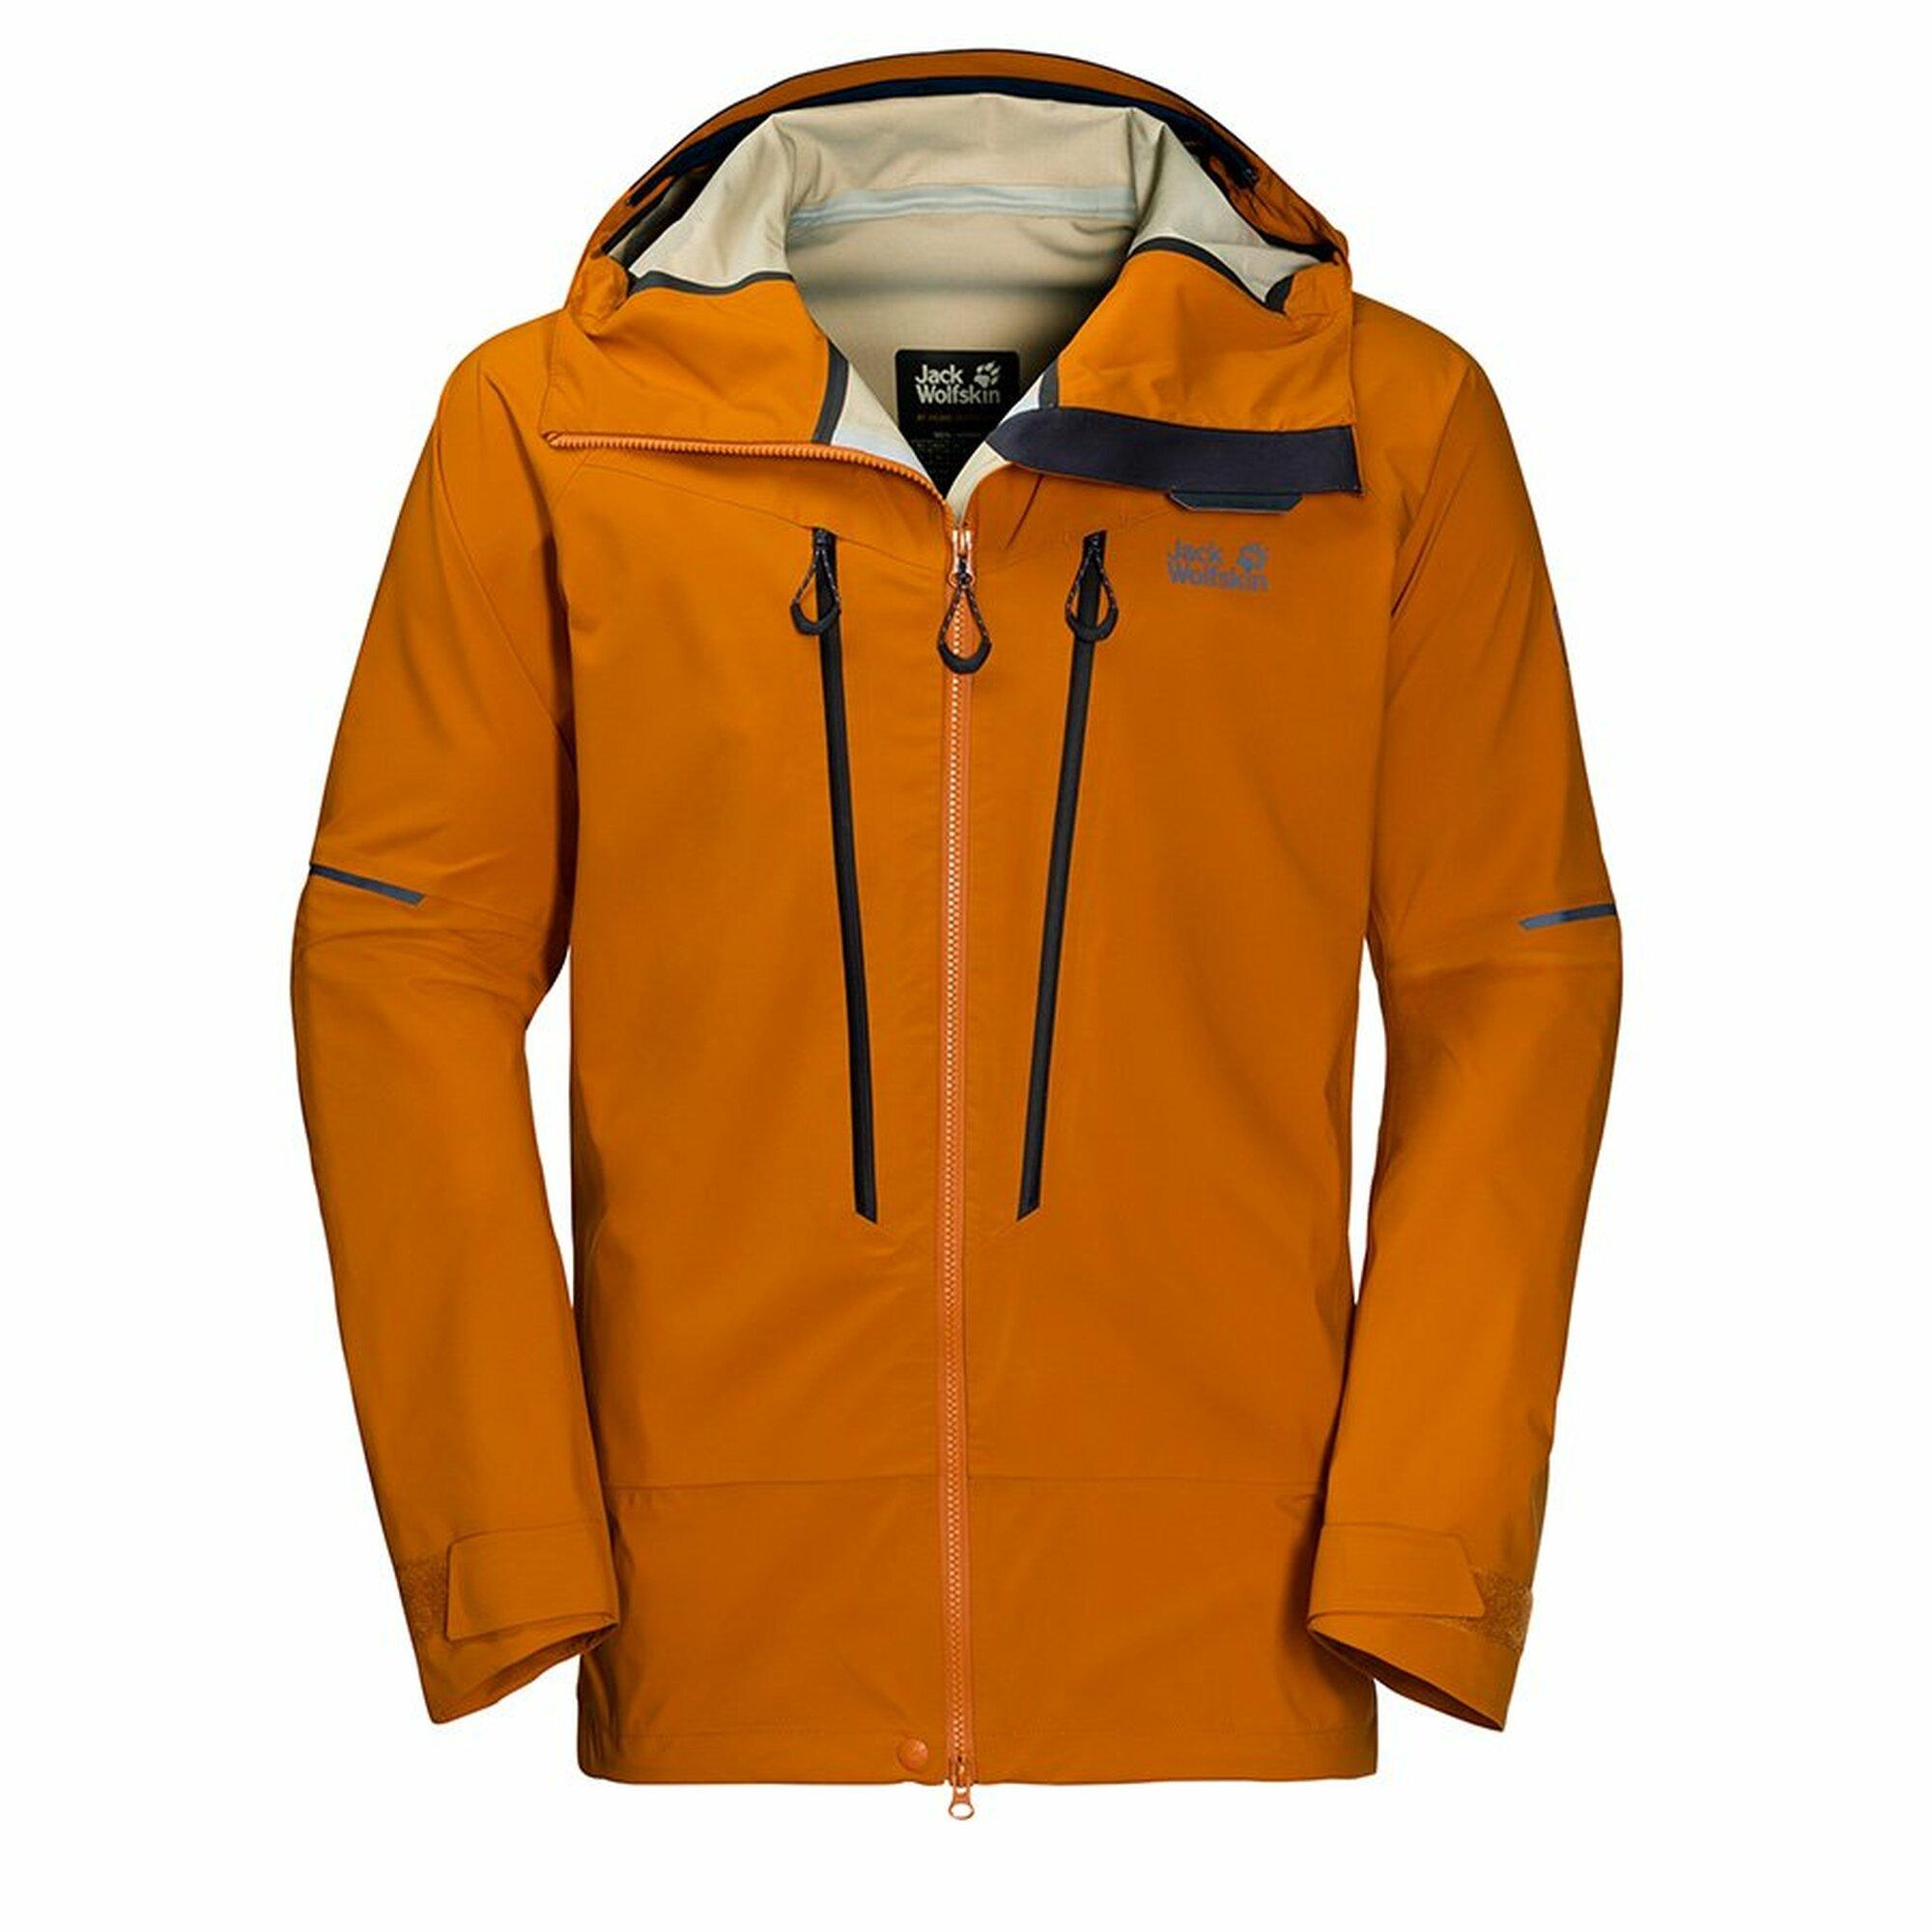 Jack Wolfskin Exolight Mountain Jacket